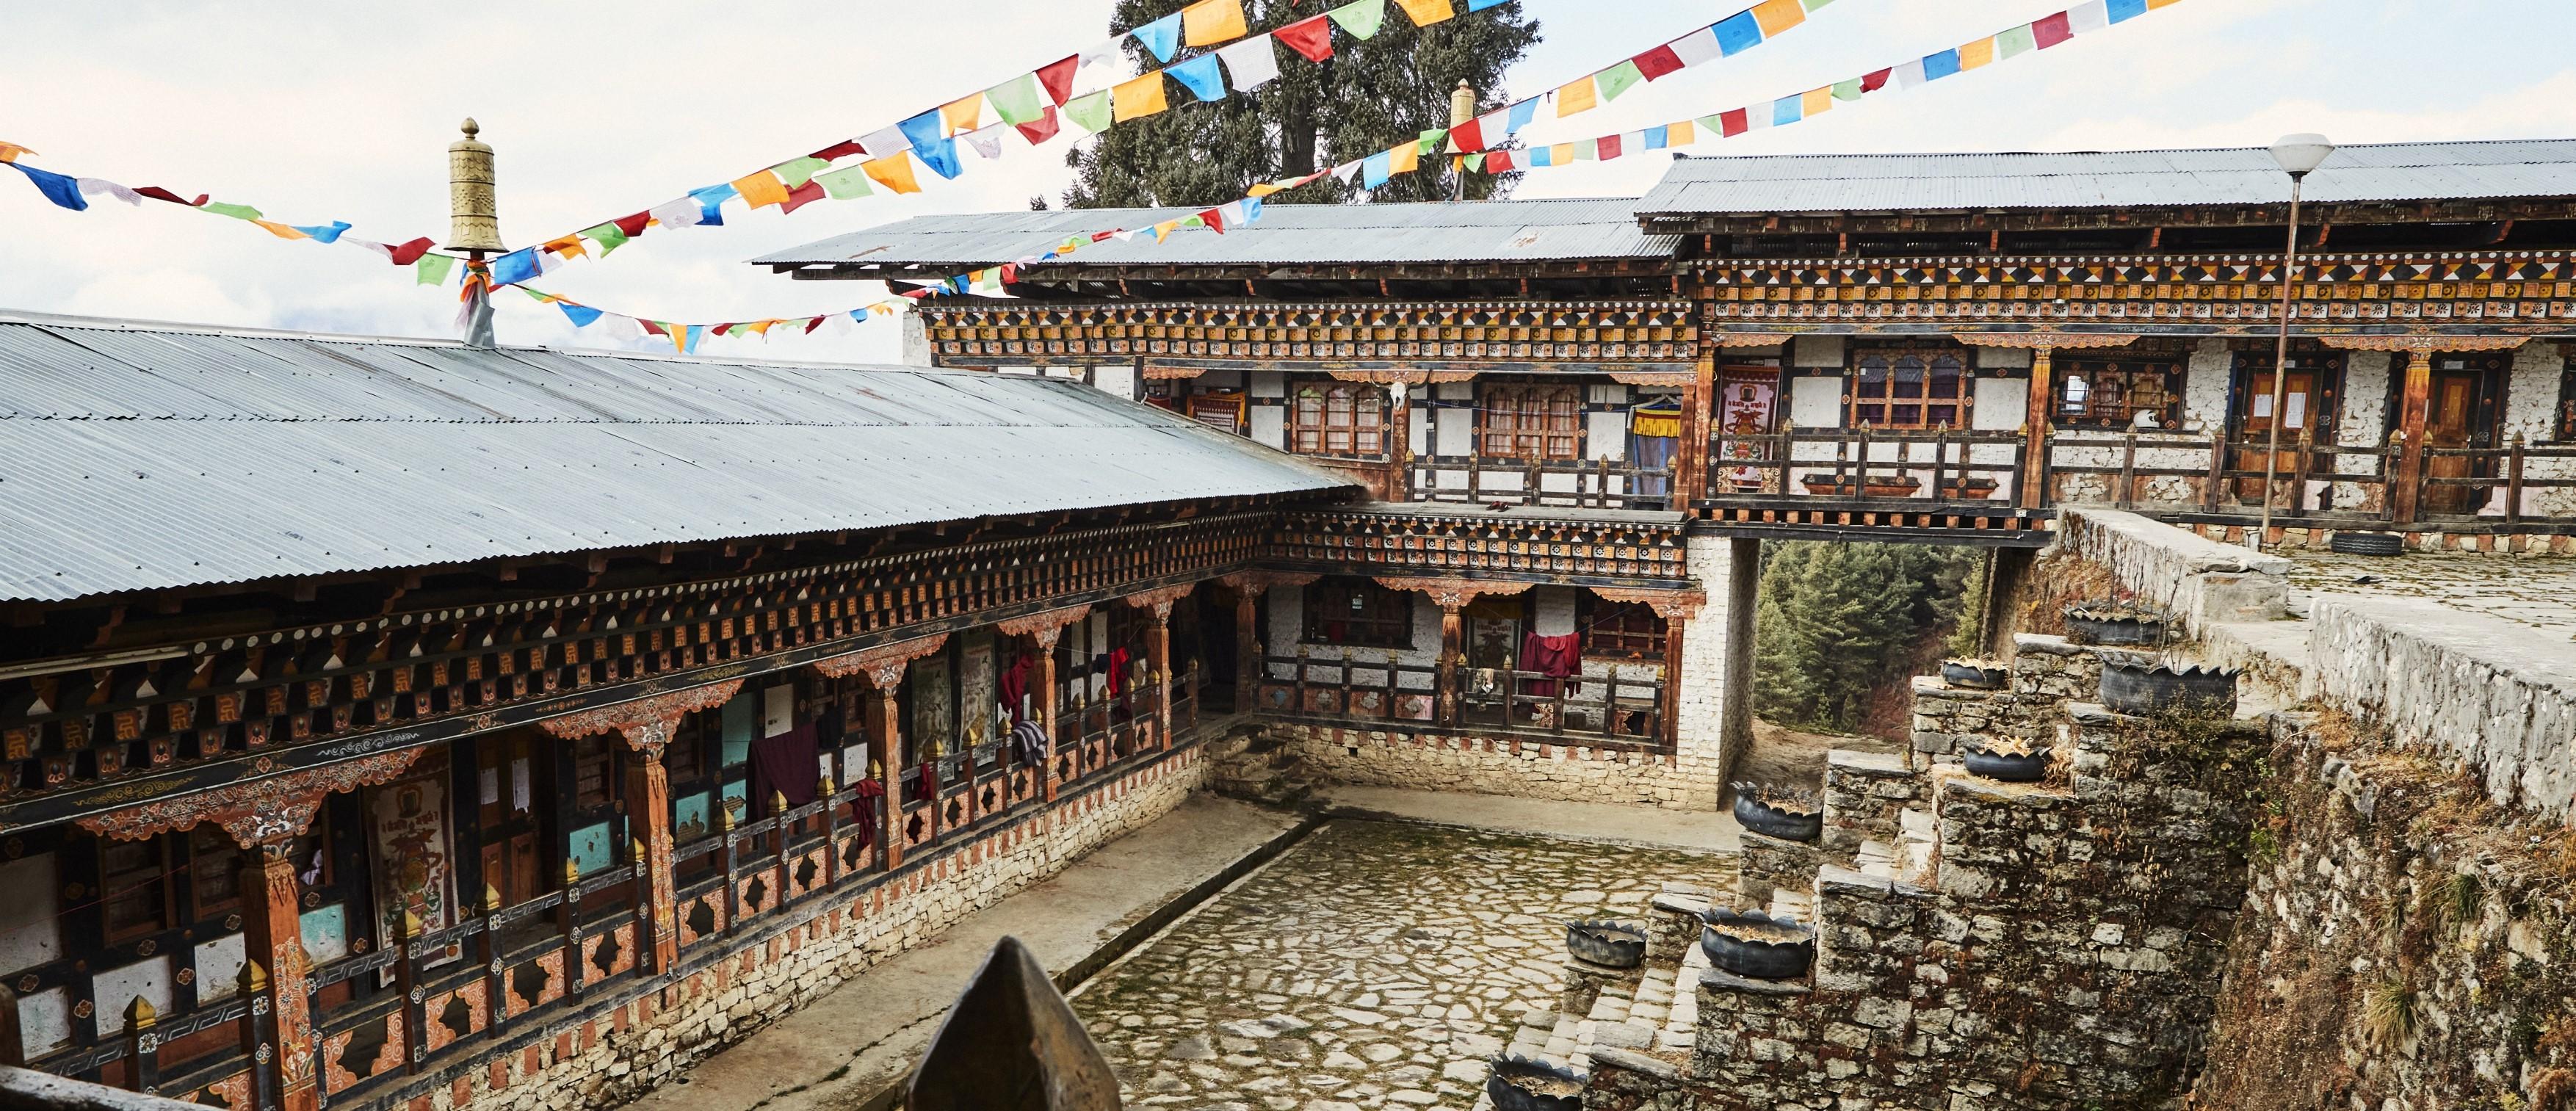 Pedtseling-monastery-Bhutan